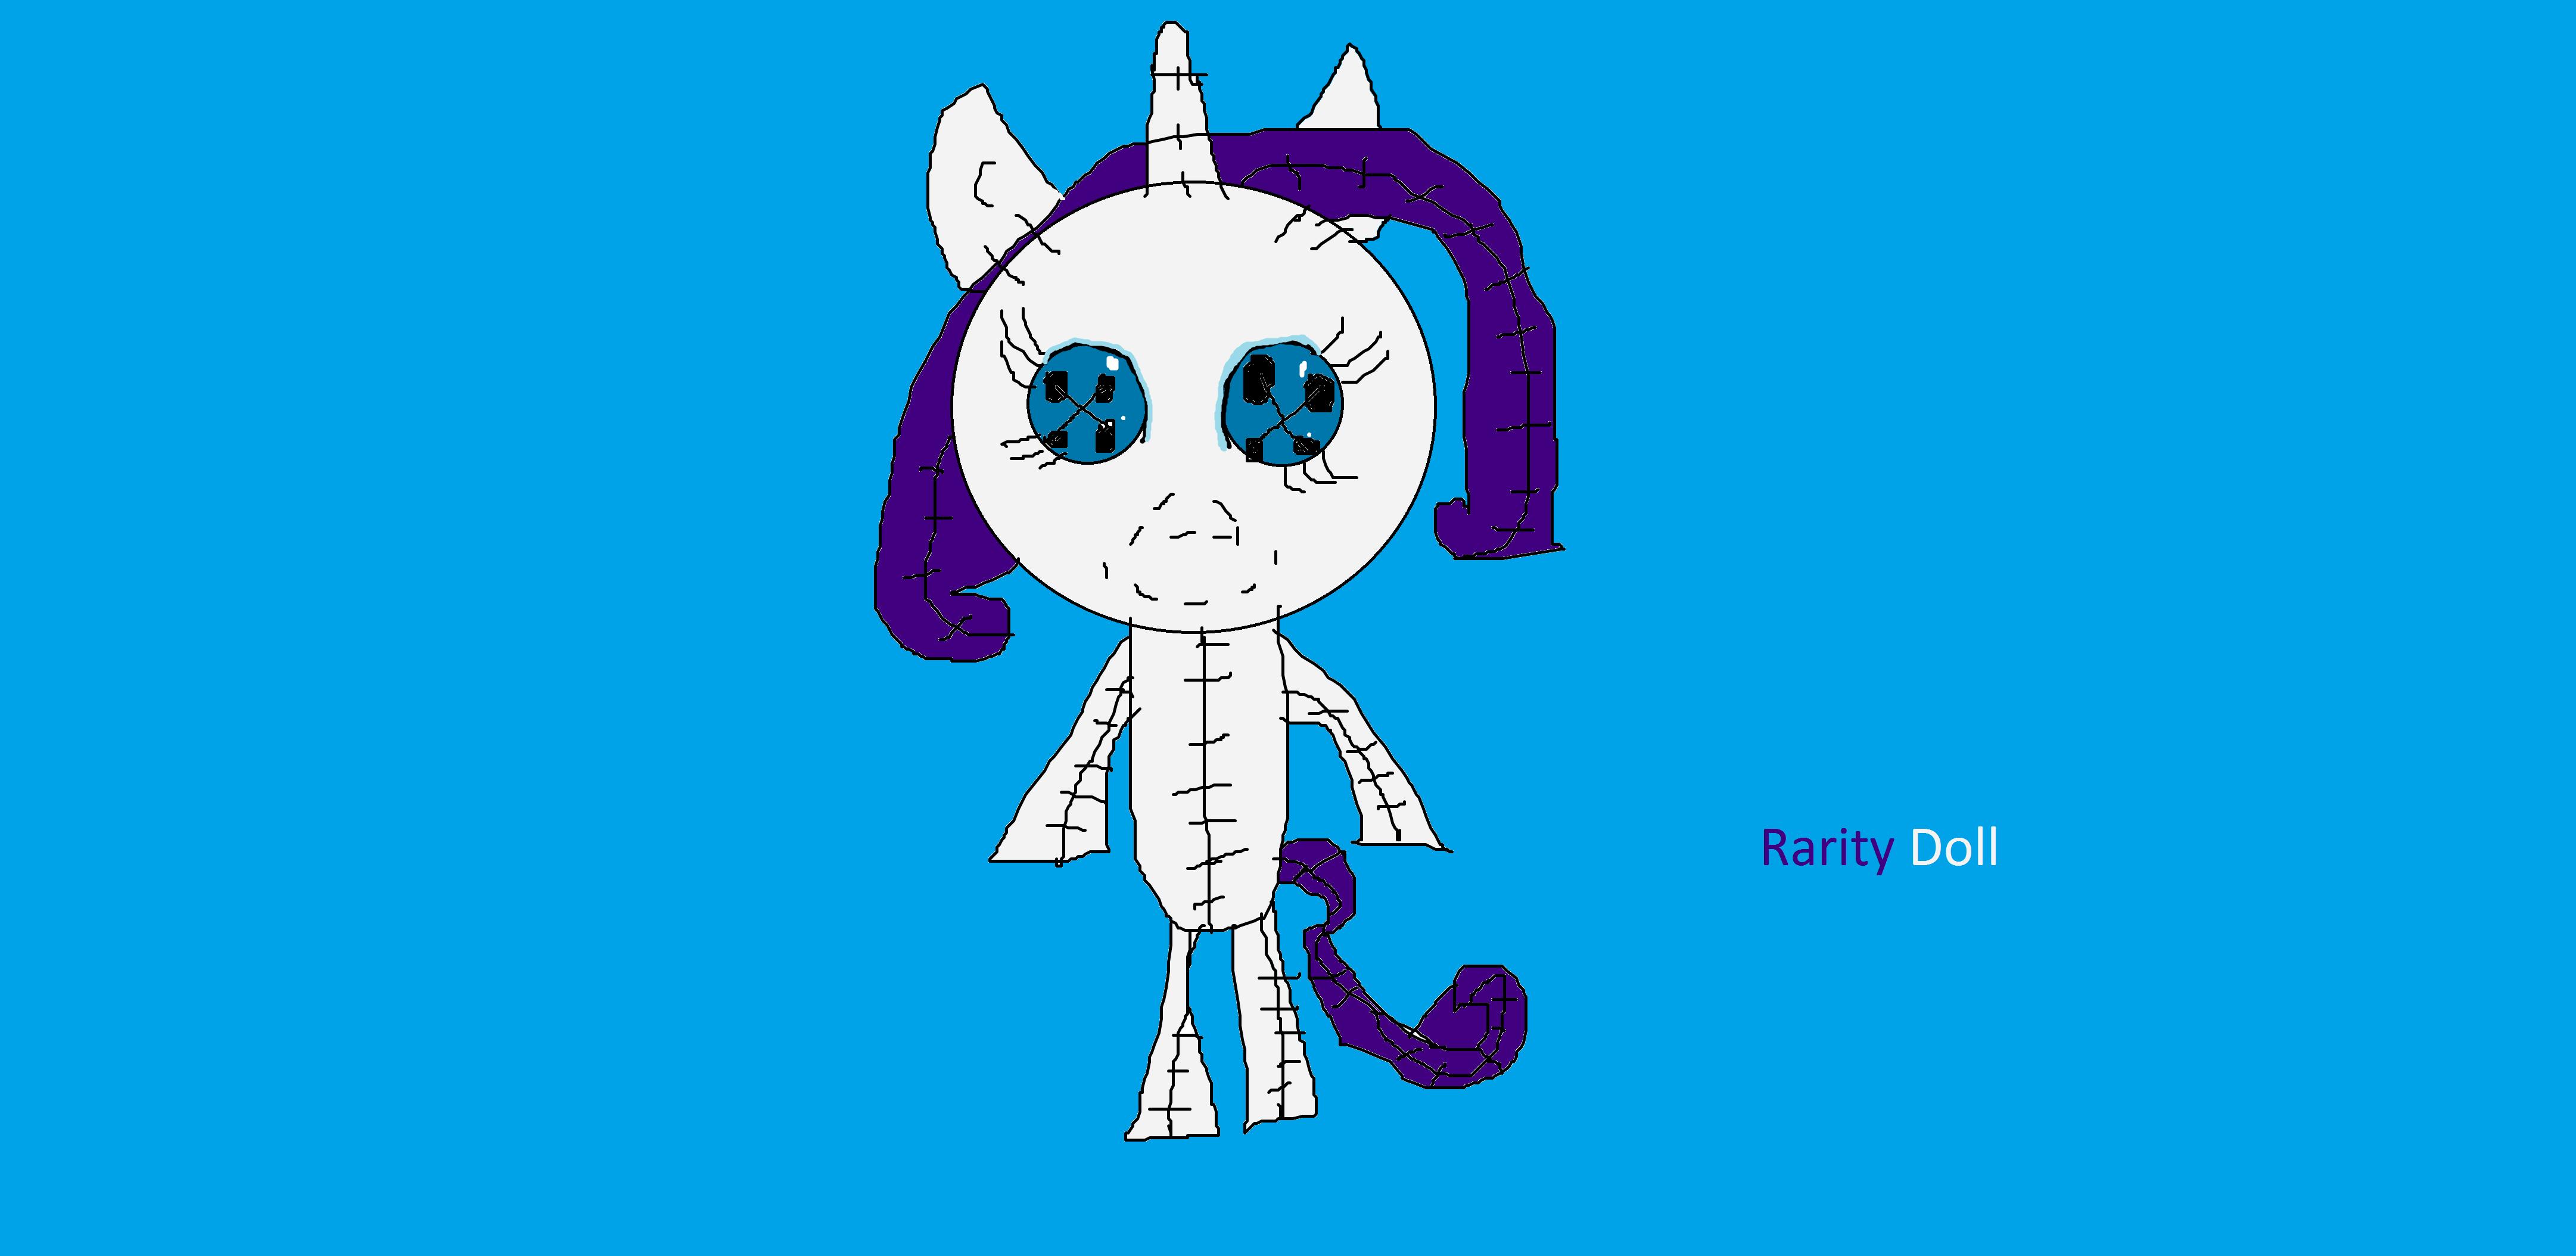 Rarity Doll